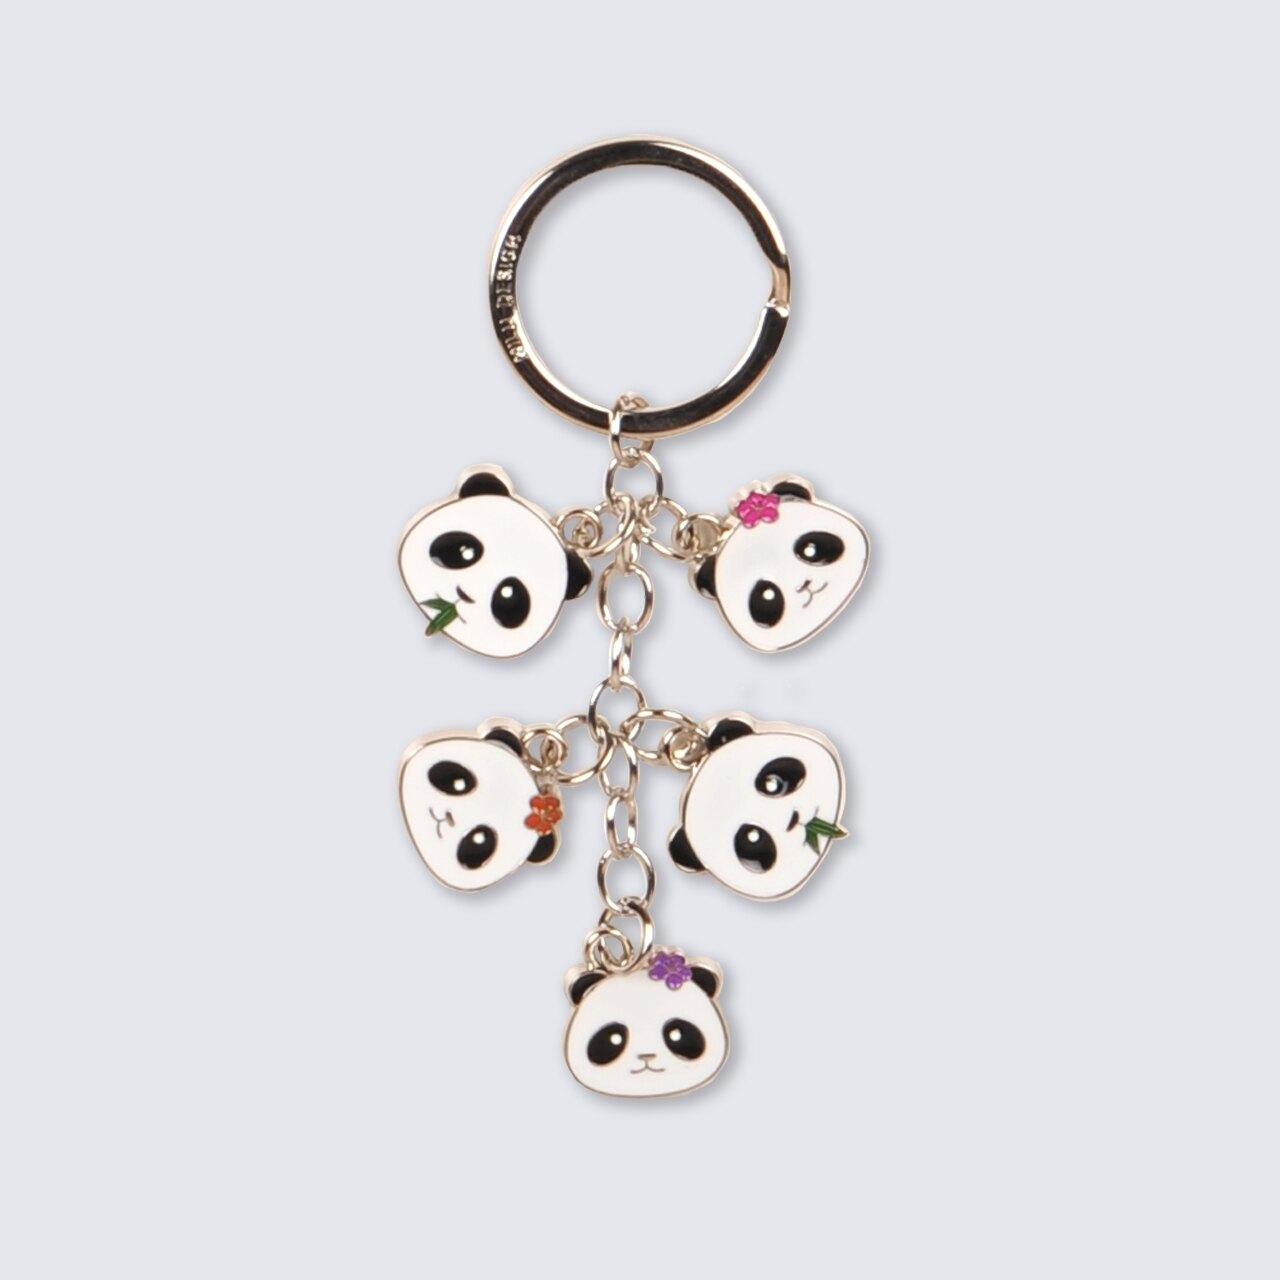 萌呆的Panda 金屬琺瑯鑰匙圈 吊飾/ 圓仔 圓寶 不要那麼可愛啦